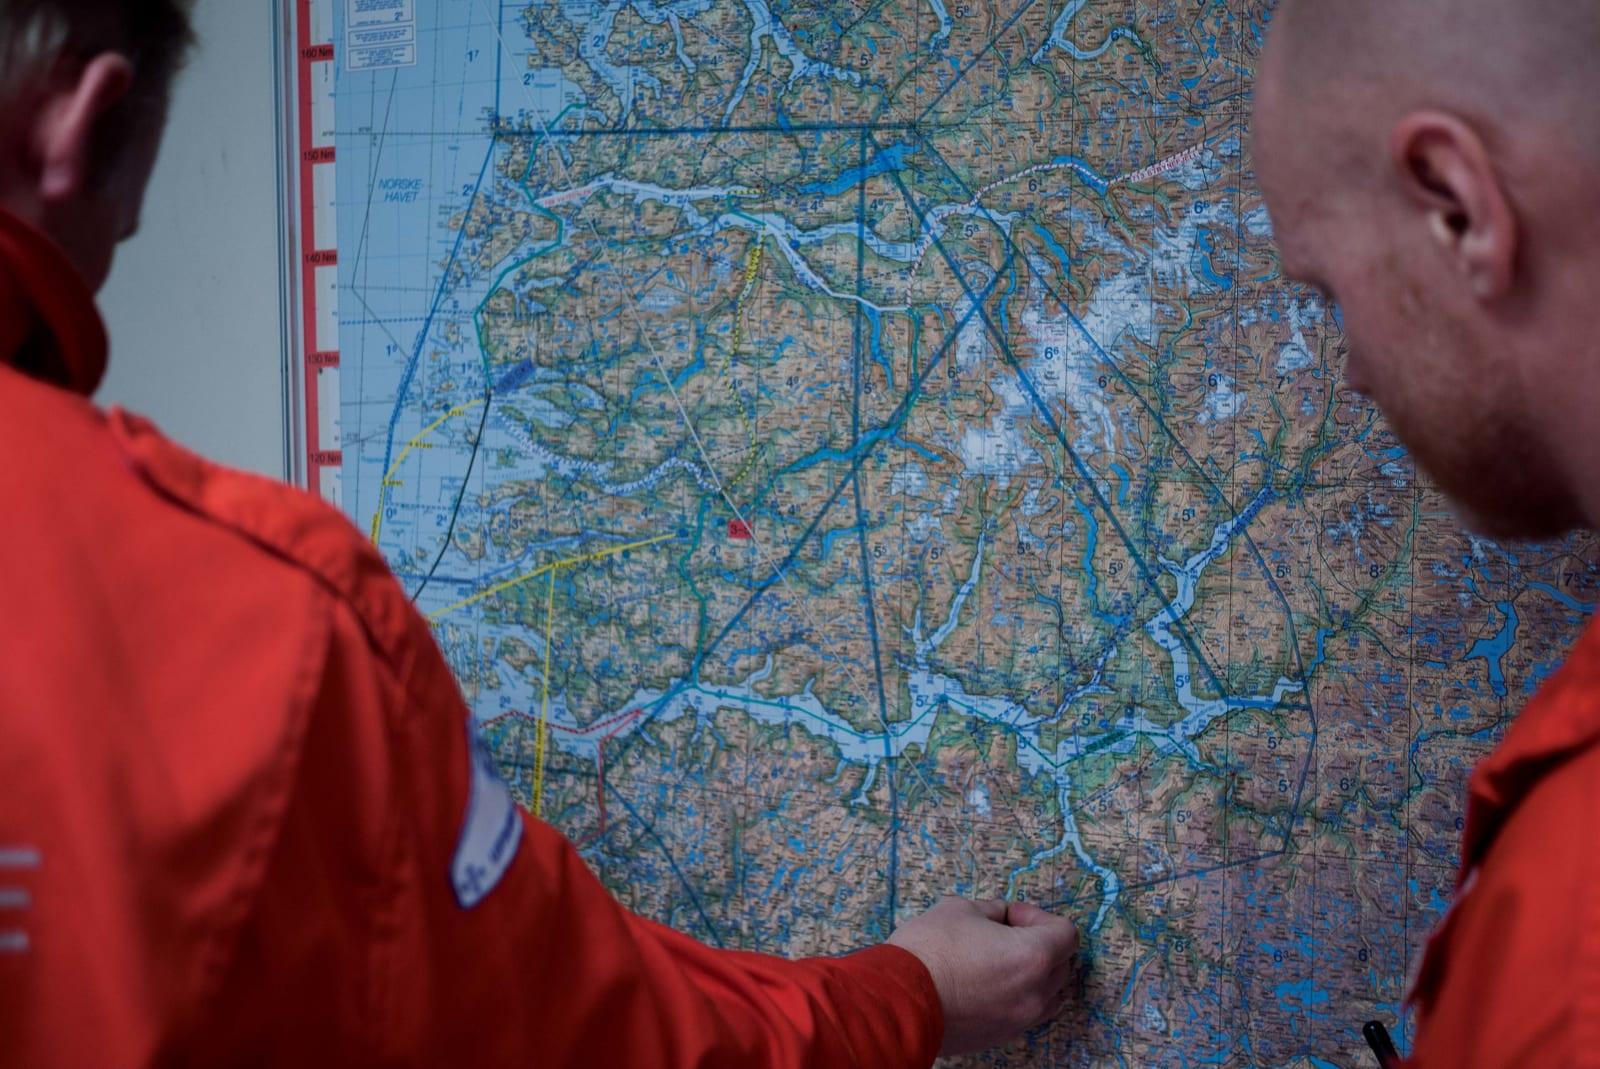 AVSTAND: Pilot Geir Svevad (t.v.) og redningsmann Kjetil Leknes ser på avstander fra basen i Førde. Tråden er festet til et lodd. Når man drar i tråden, føres loddet opp en skala der man ser distansen. Foto: Henning Reinton